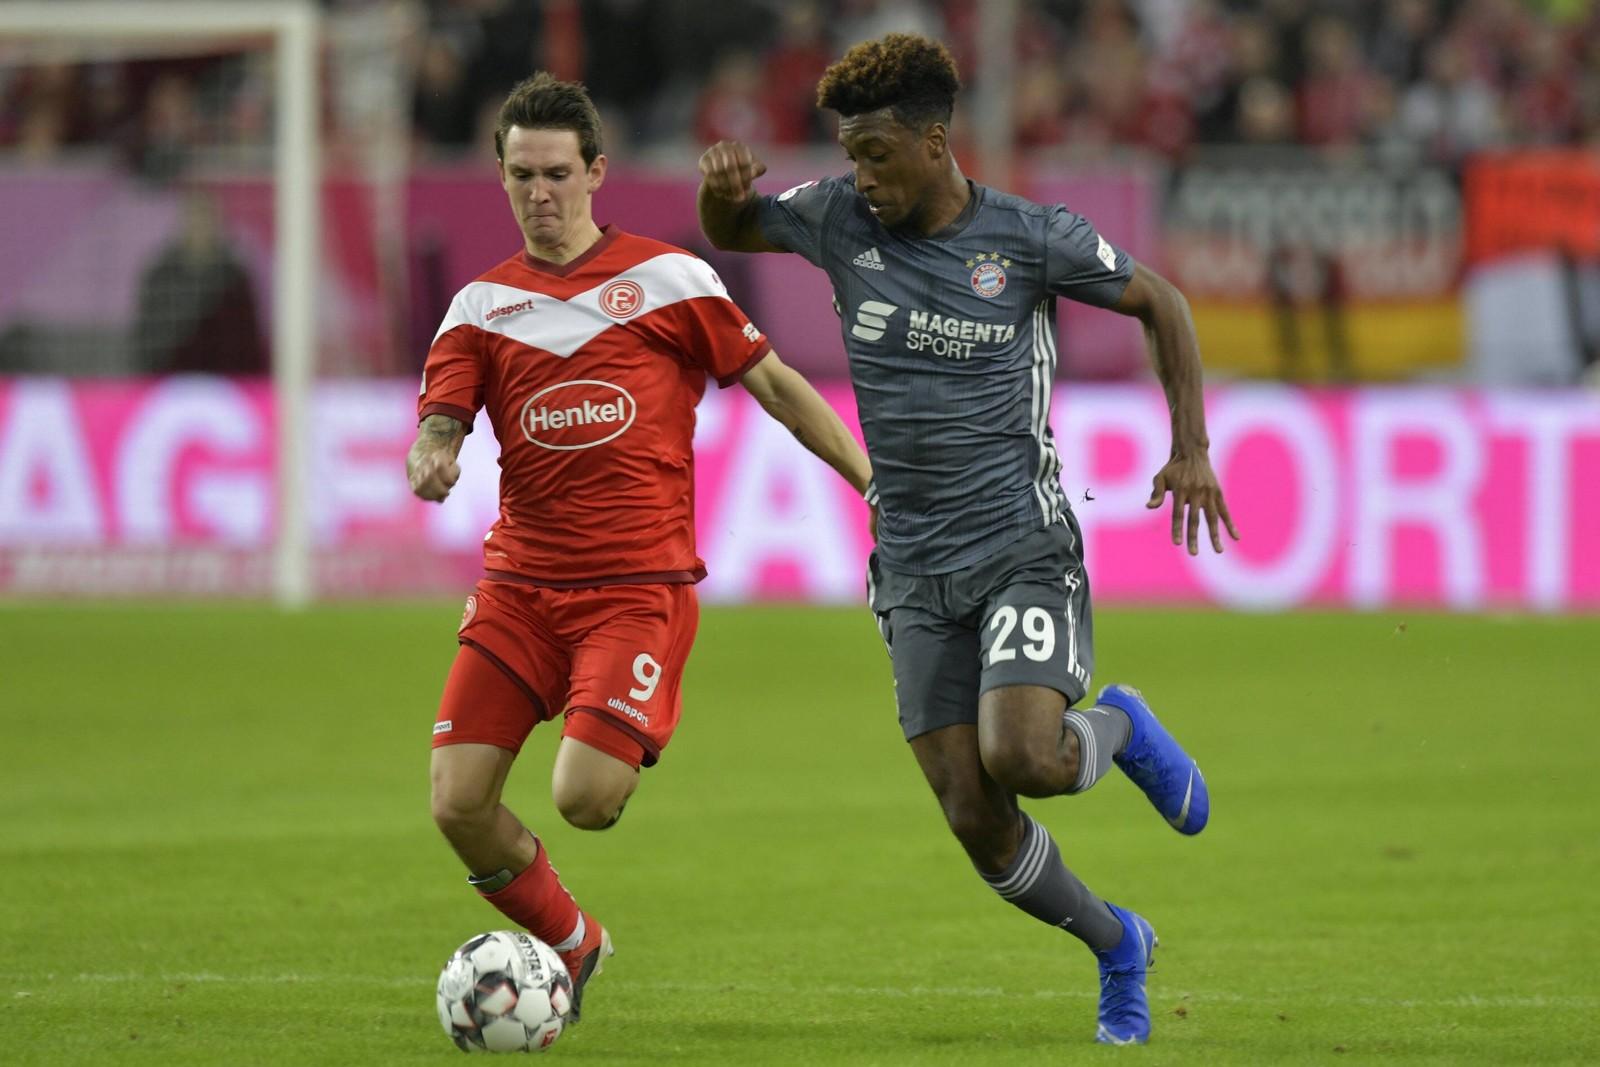 Behauptet Kingsley Coman mit dem FCB gegen Foruna die Tabellenführung? Jetzt auf Düsseldorf gegen Bayern wetten!